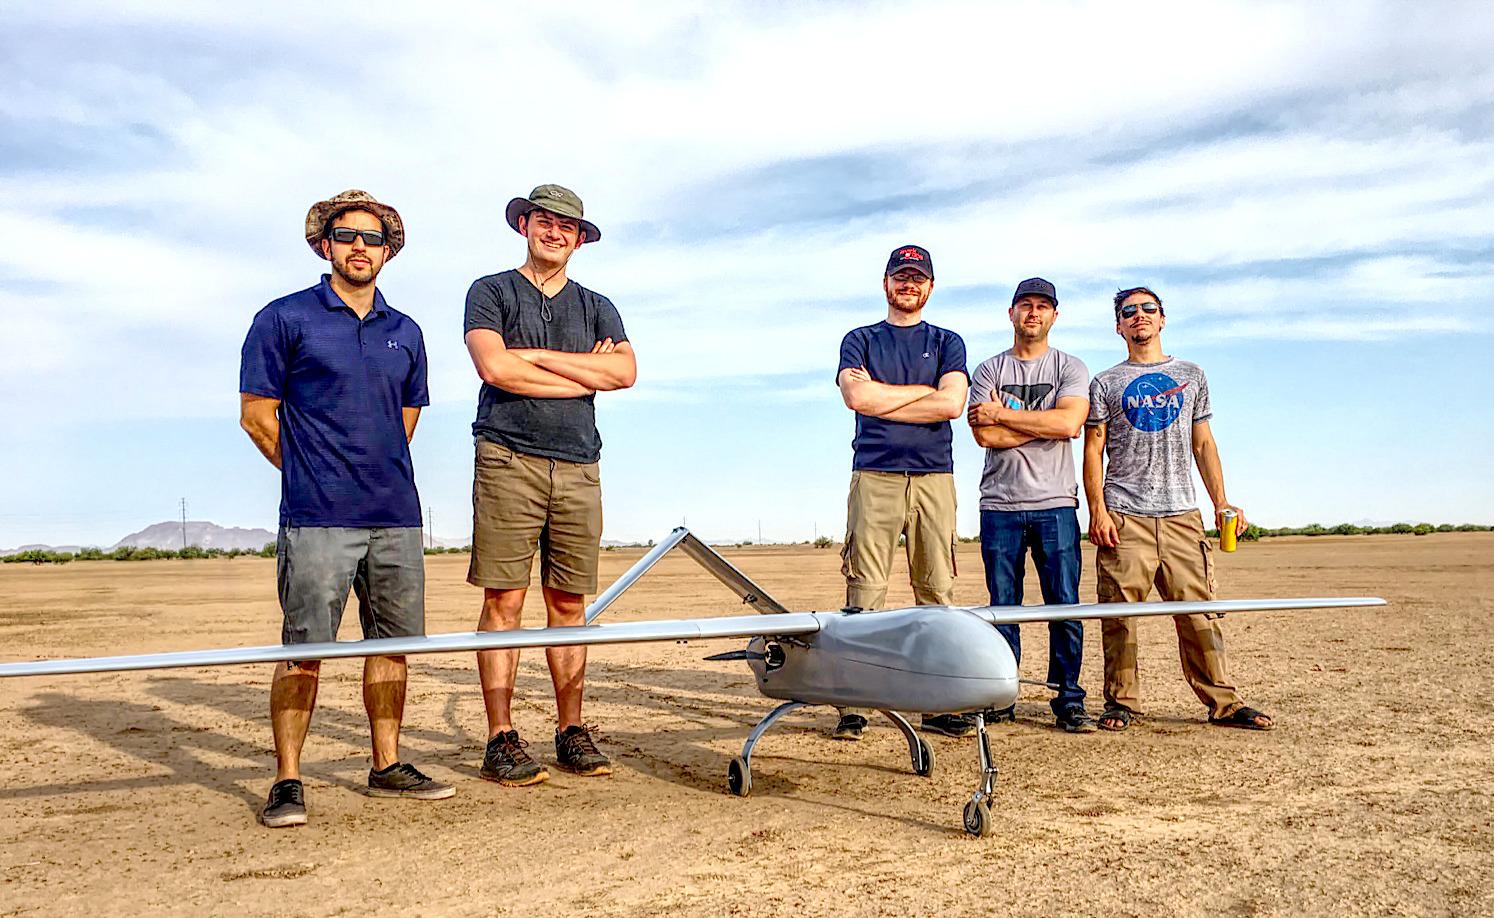 spektreworks-team-4500-fixed-wing-flight-ops.jpg